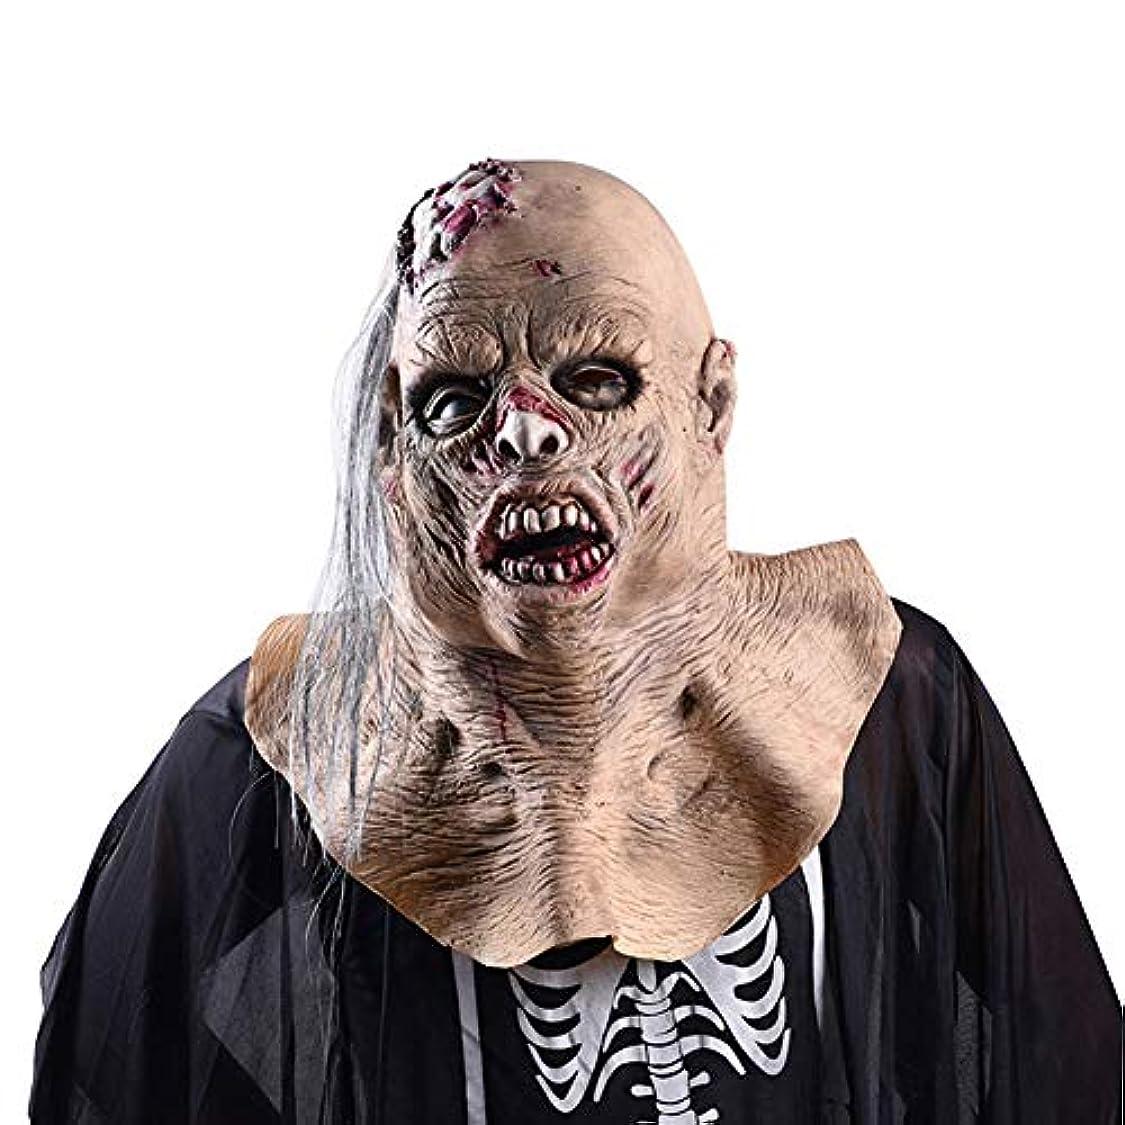 式振る舞い高価なハロウィーンマスク、吸血鬼のラテックスマスク、ハロウィーン、テーマパーティー、カーニバル、レイブパーティー、バー、小道具。